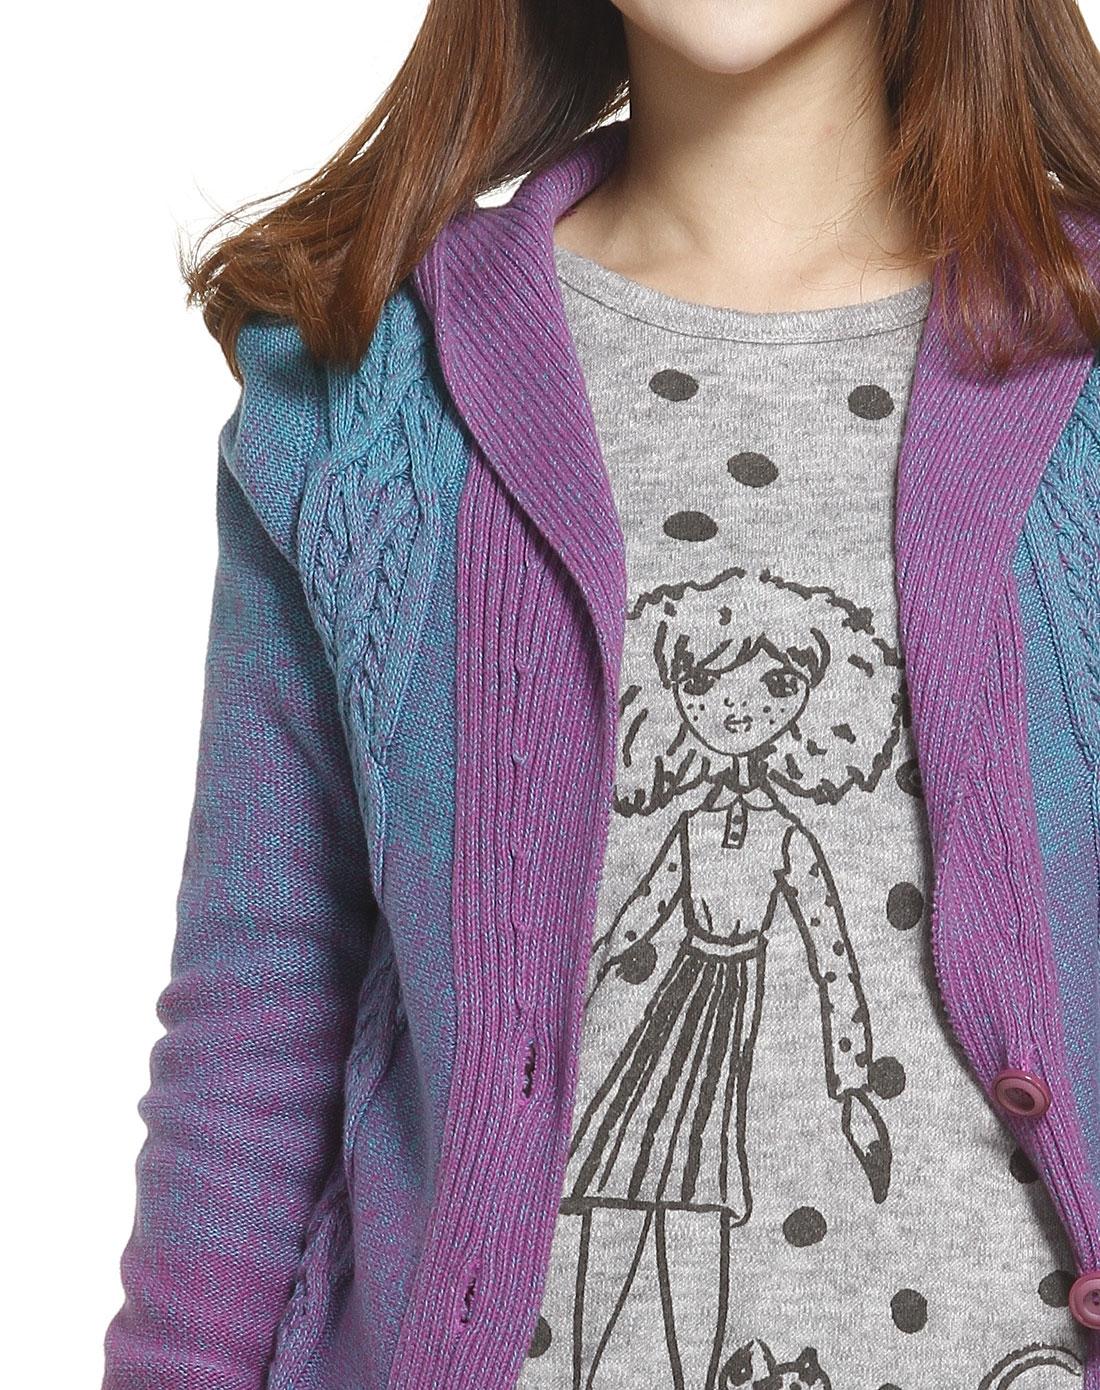 gogirl蓝紫色渐变休闲长袖针织开衫g2113n128s036n